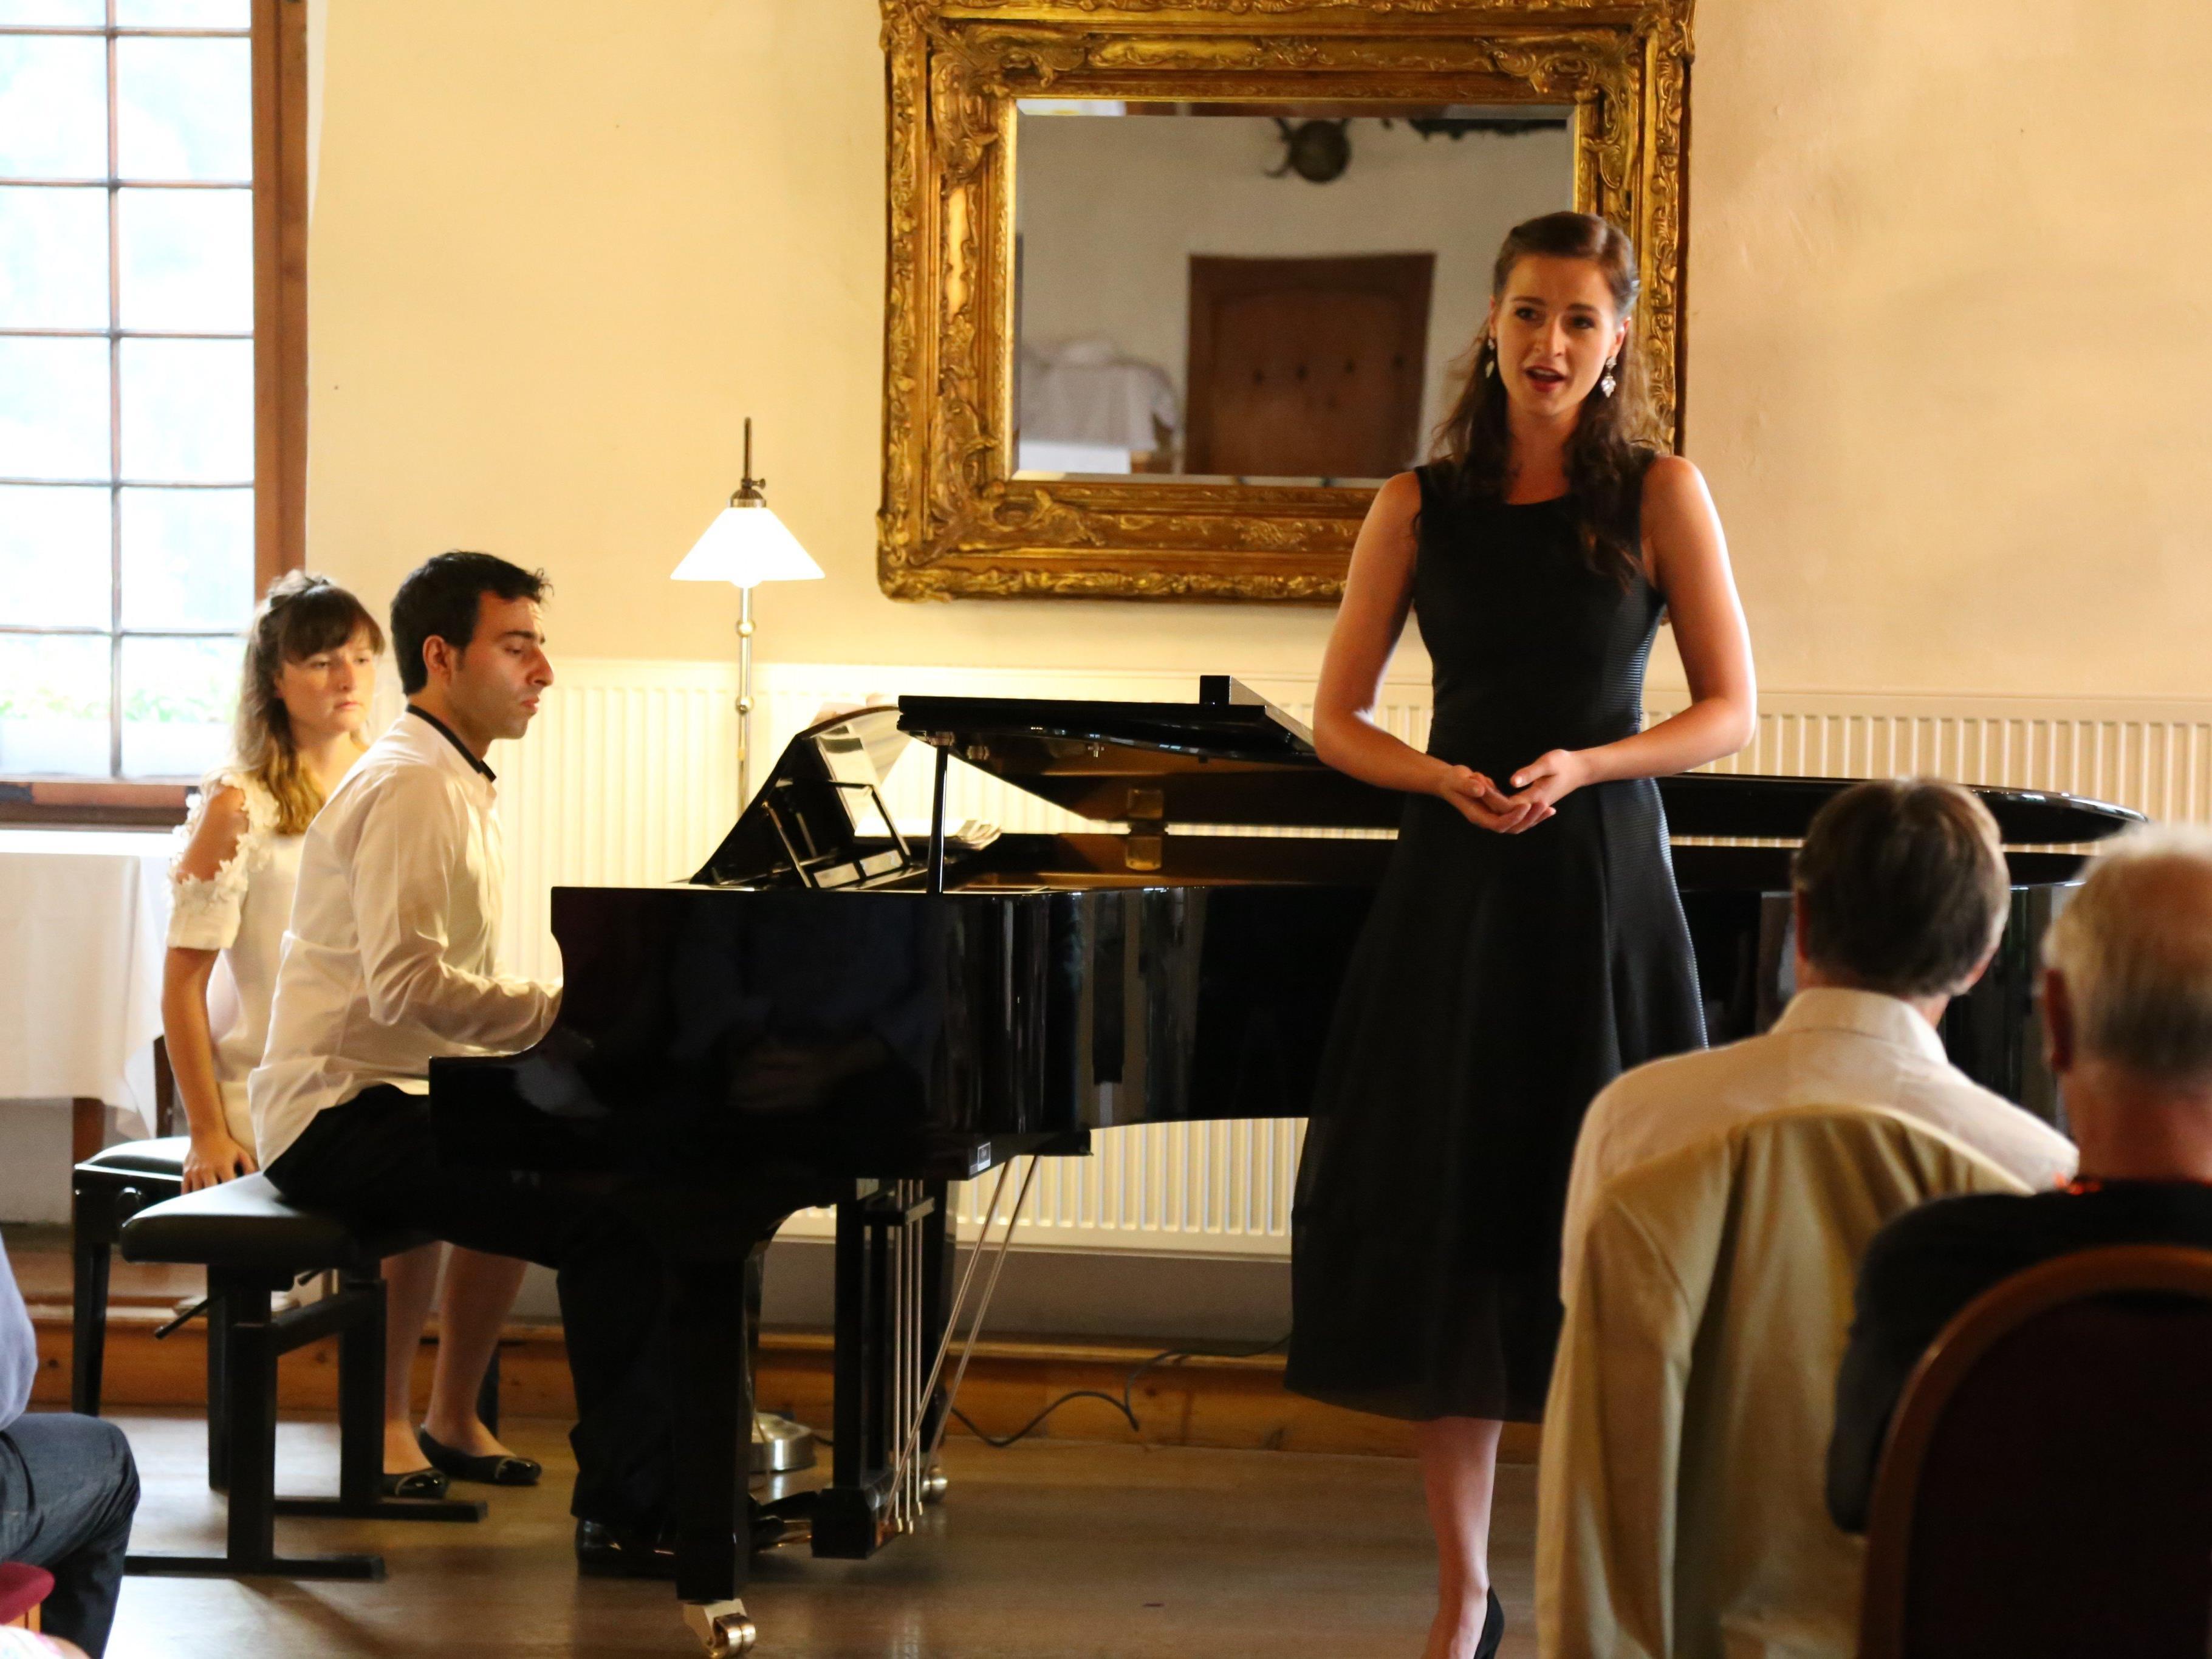 Yunus Kaya bot am Klavier gemeinsam mit Gesangstalent Clara Corinna Scheurle ein klassisches Feuerwerk.